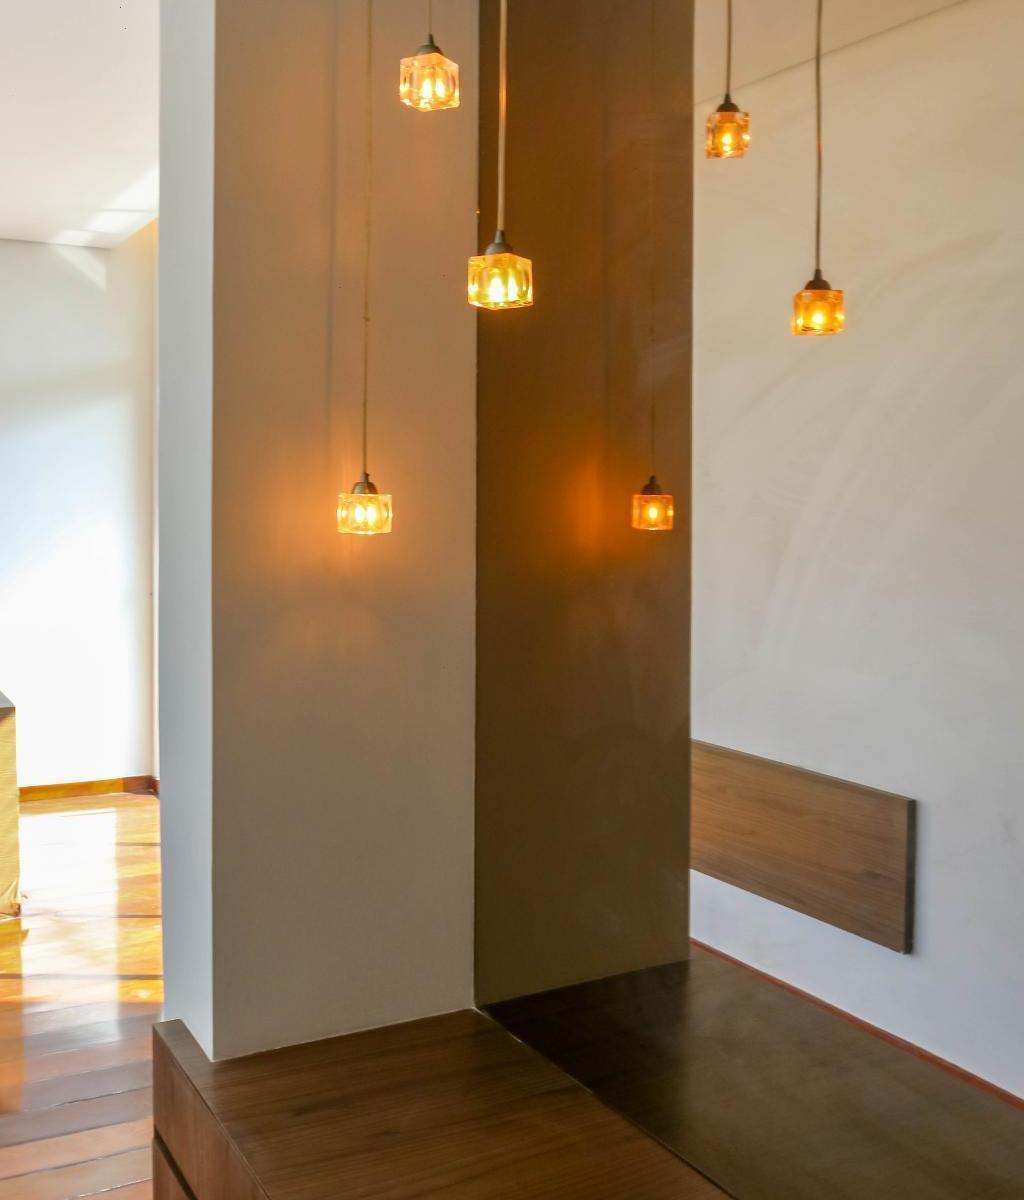 Apartamento para Aluguel - Gutierrez, 4 Quartos,  132 m² - Belo Horizonte